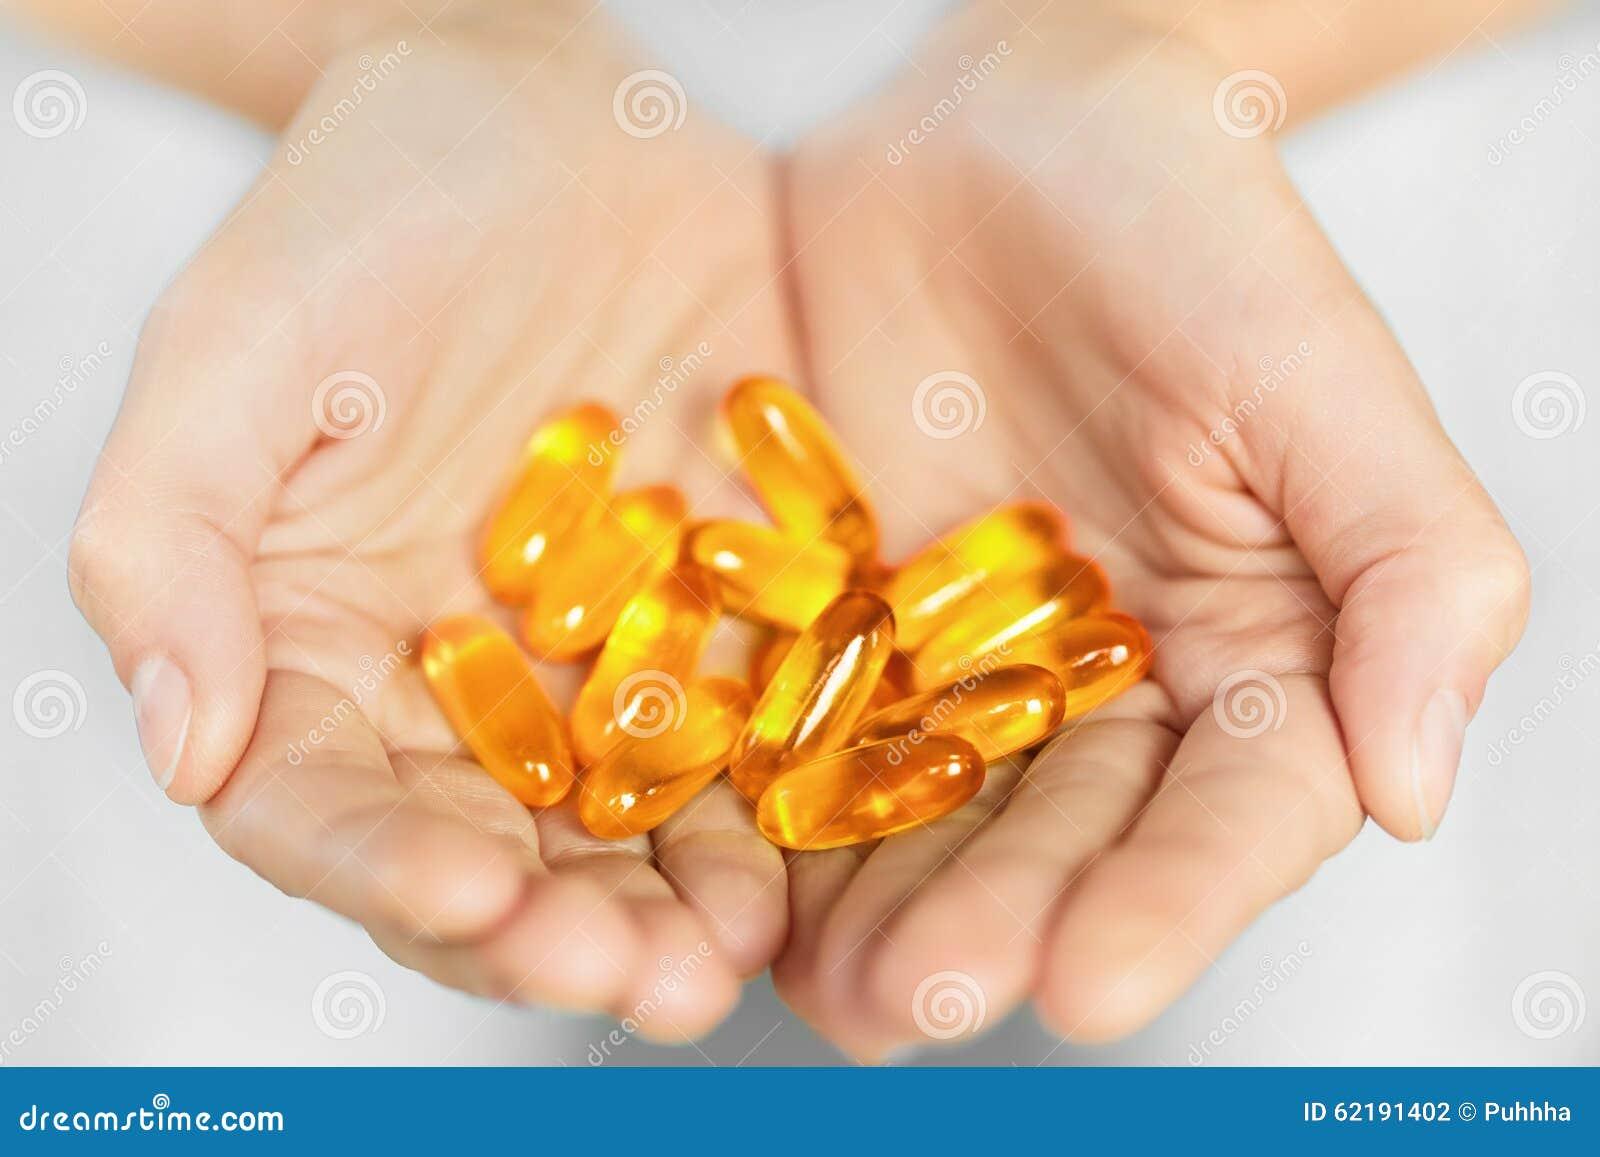 υγιής διατροφή πετρέλαιο Omega συκωτιού πηκτωμάτων βακαλάων 3 καψών διατροφή